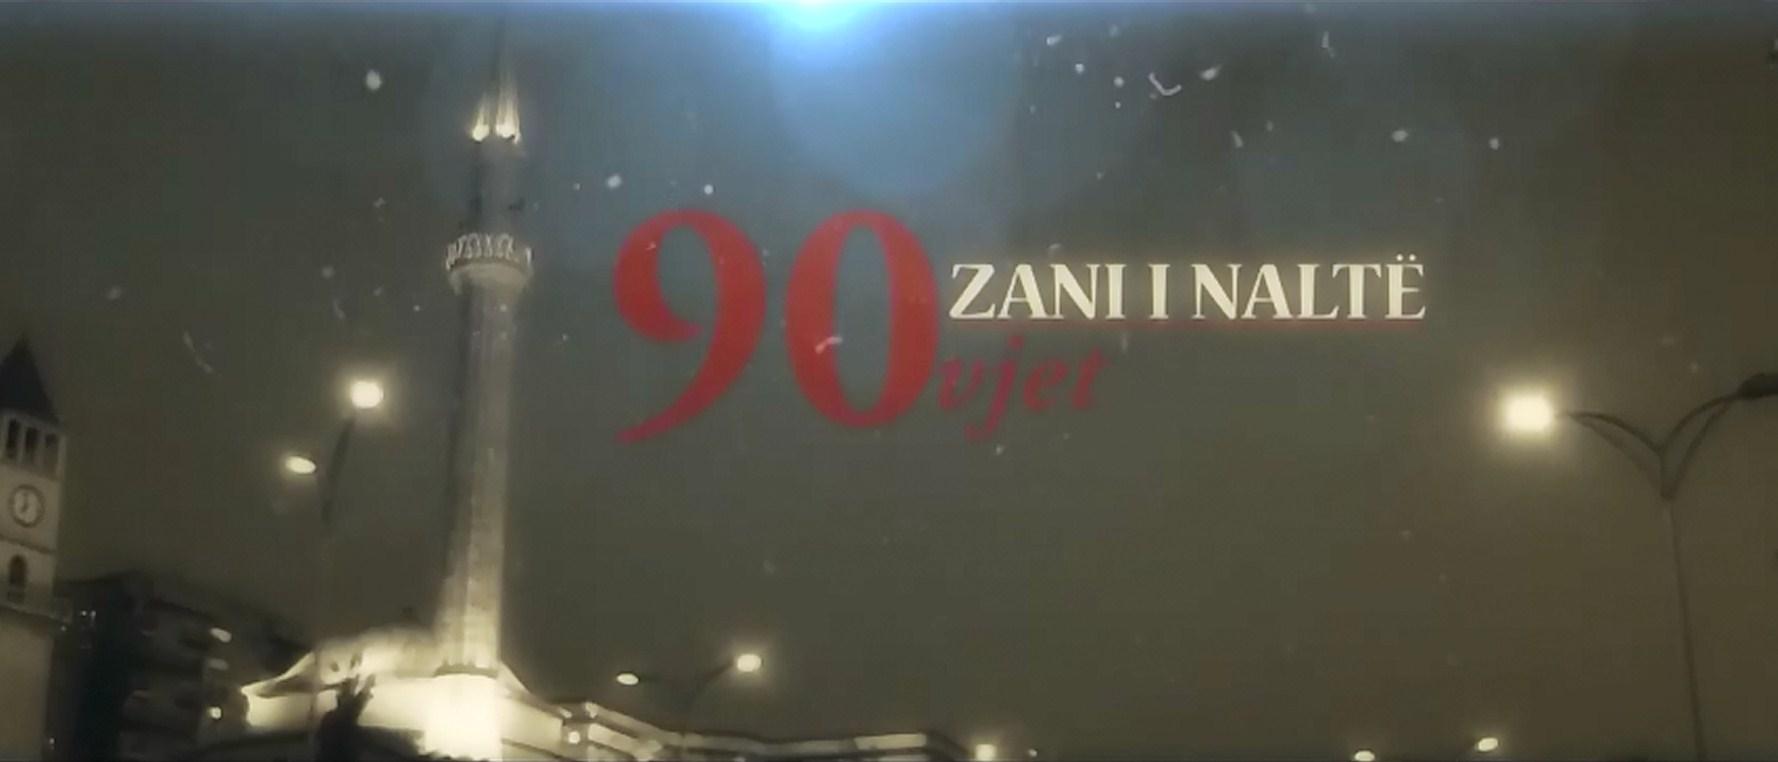 90 vjet Zani i Naltë (Dokumentar)